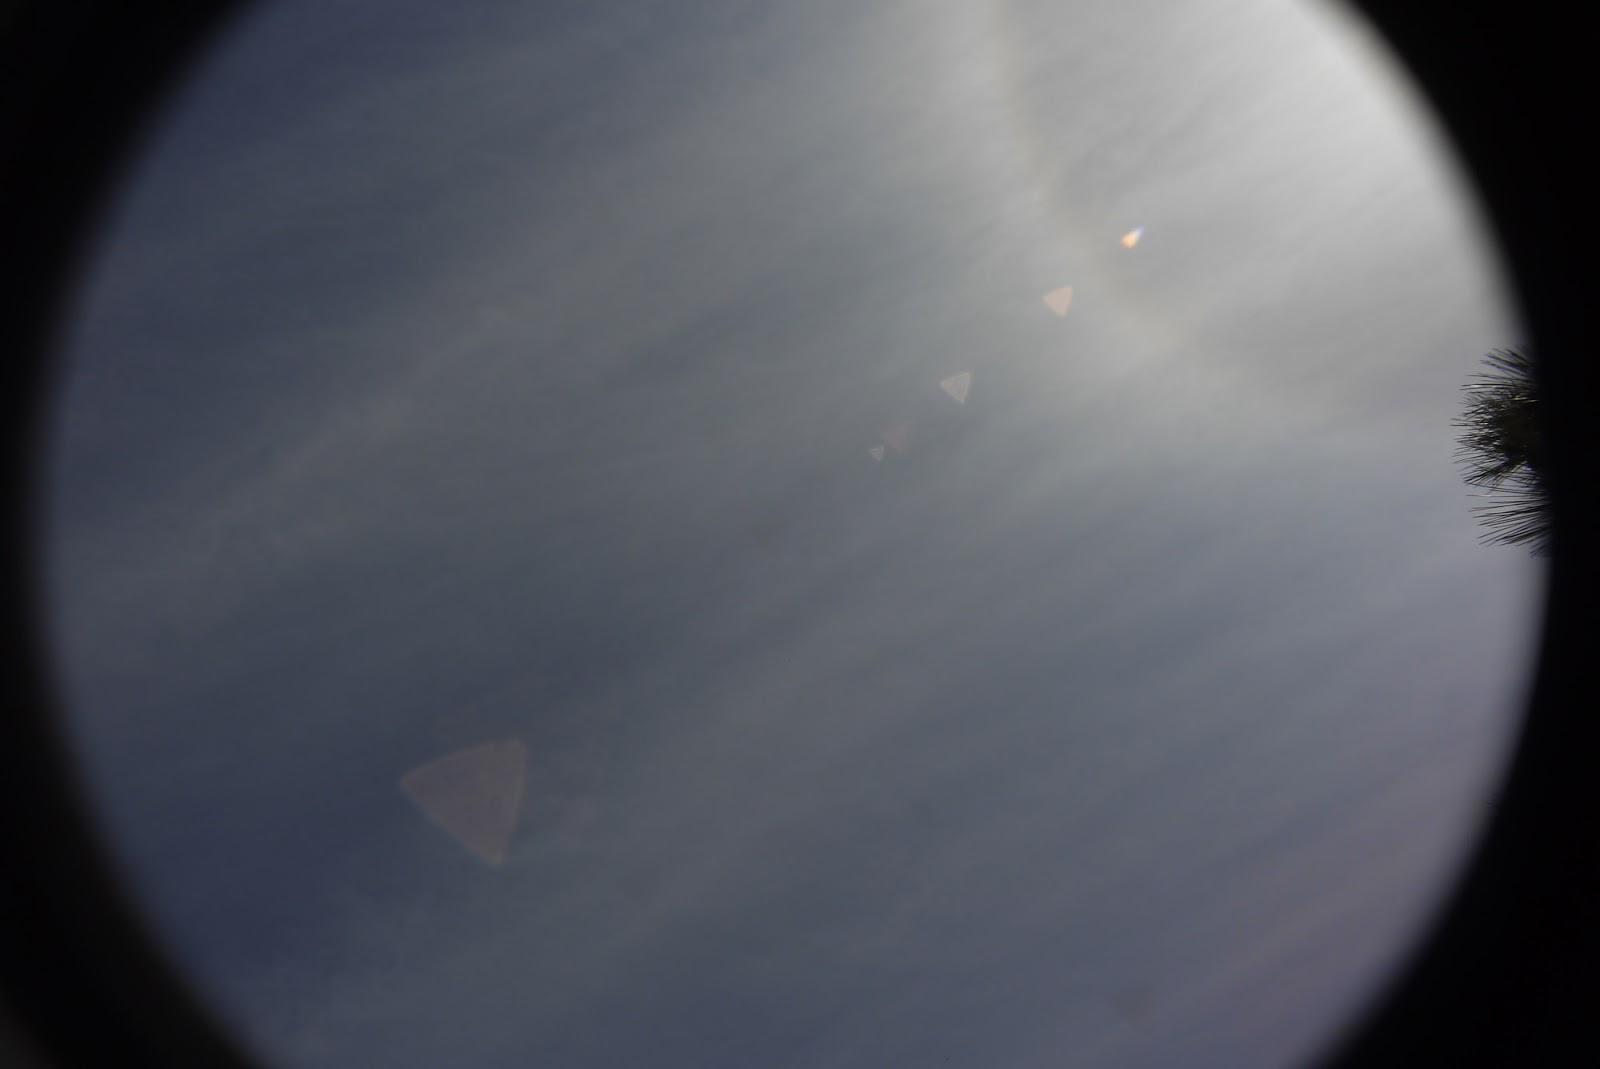 Tevidon 10/2 @11 - triangular lens flare (sun aside).